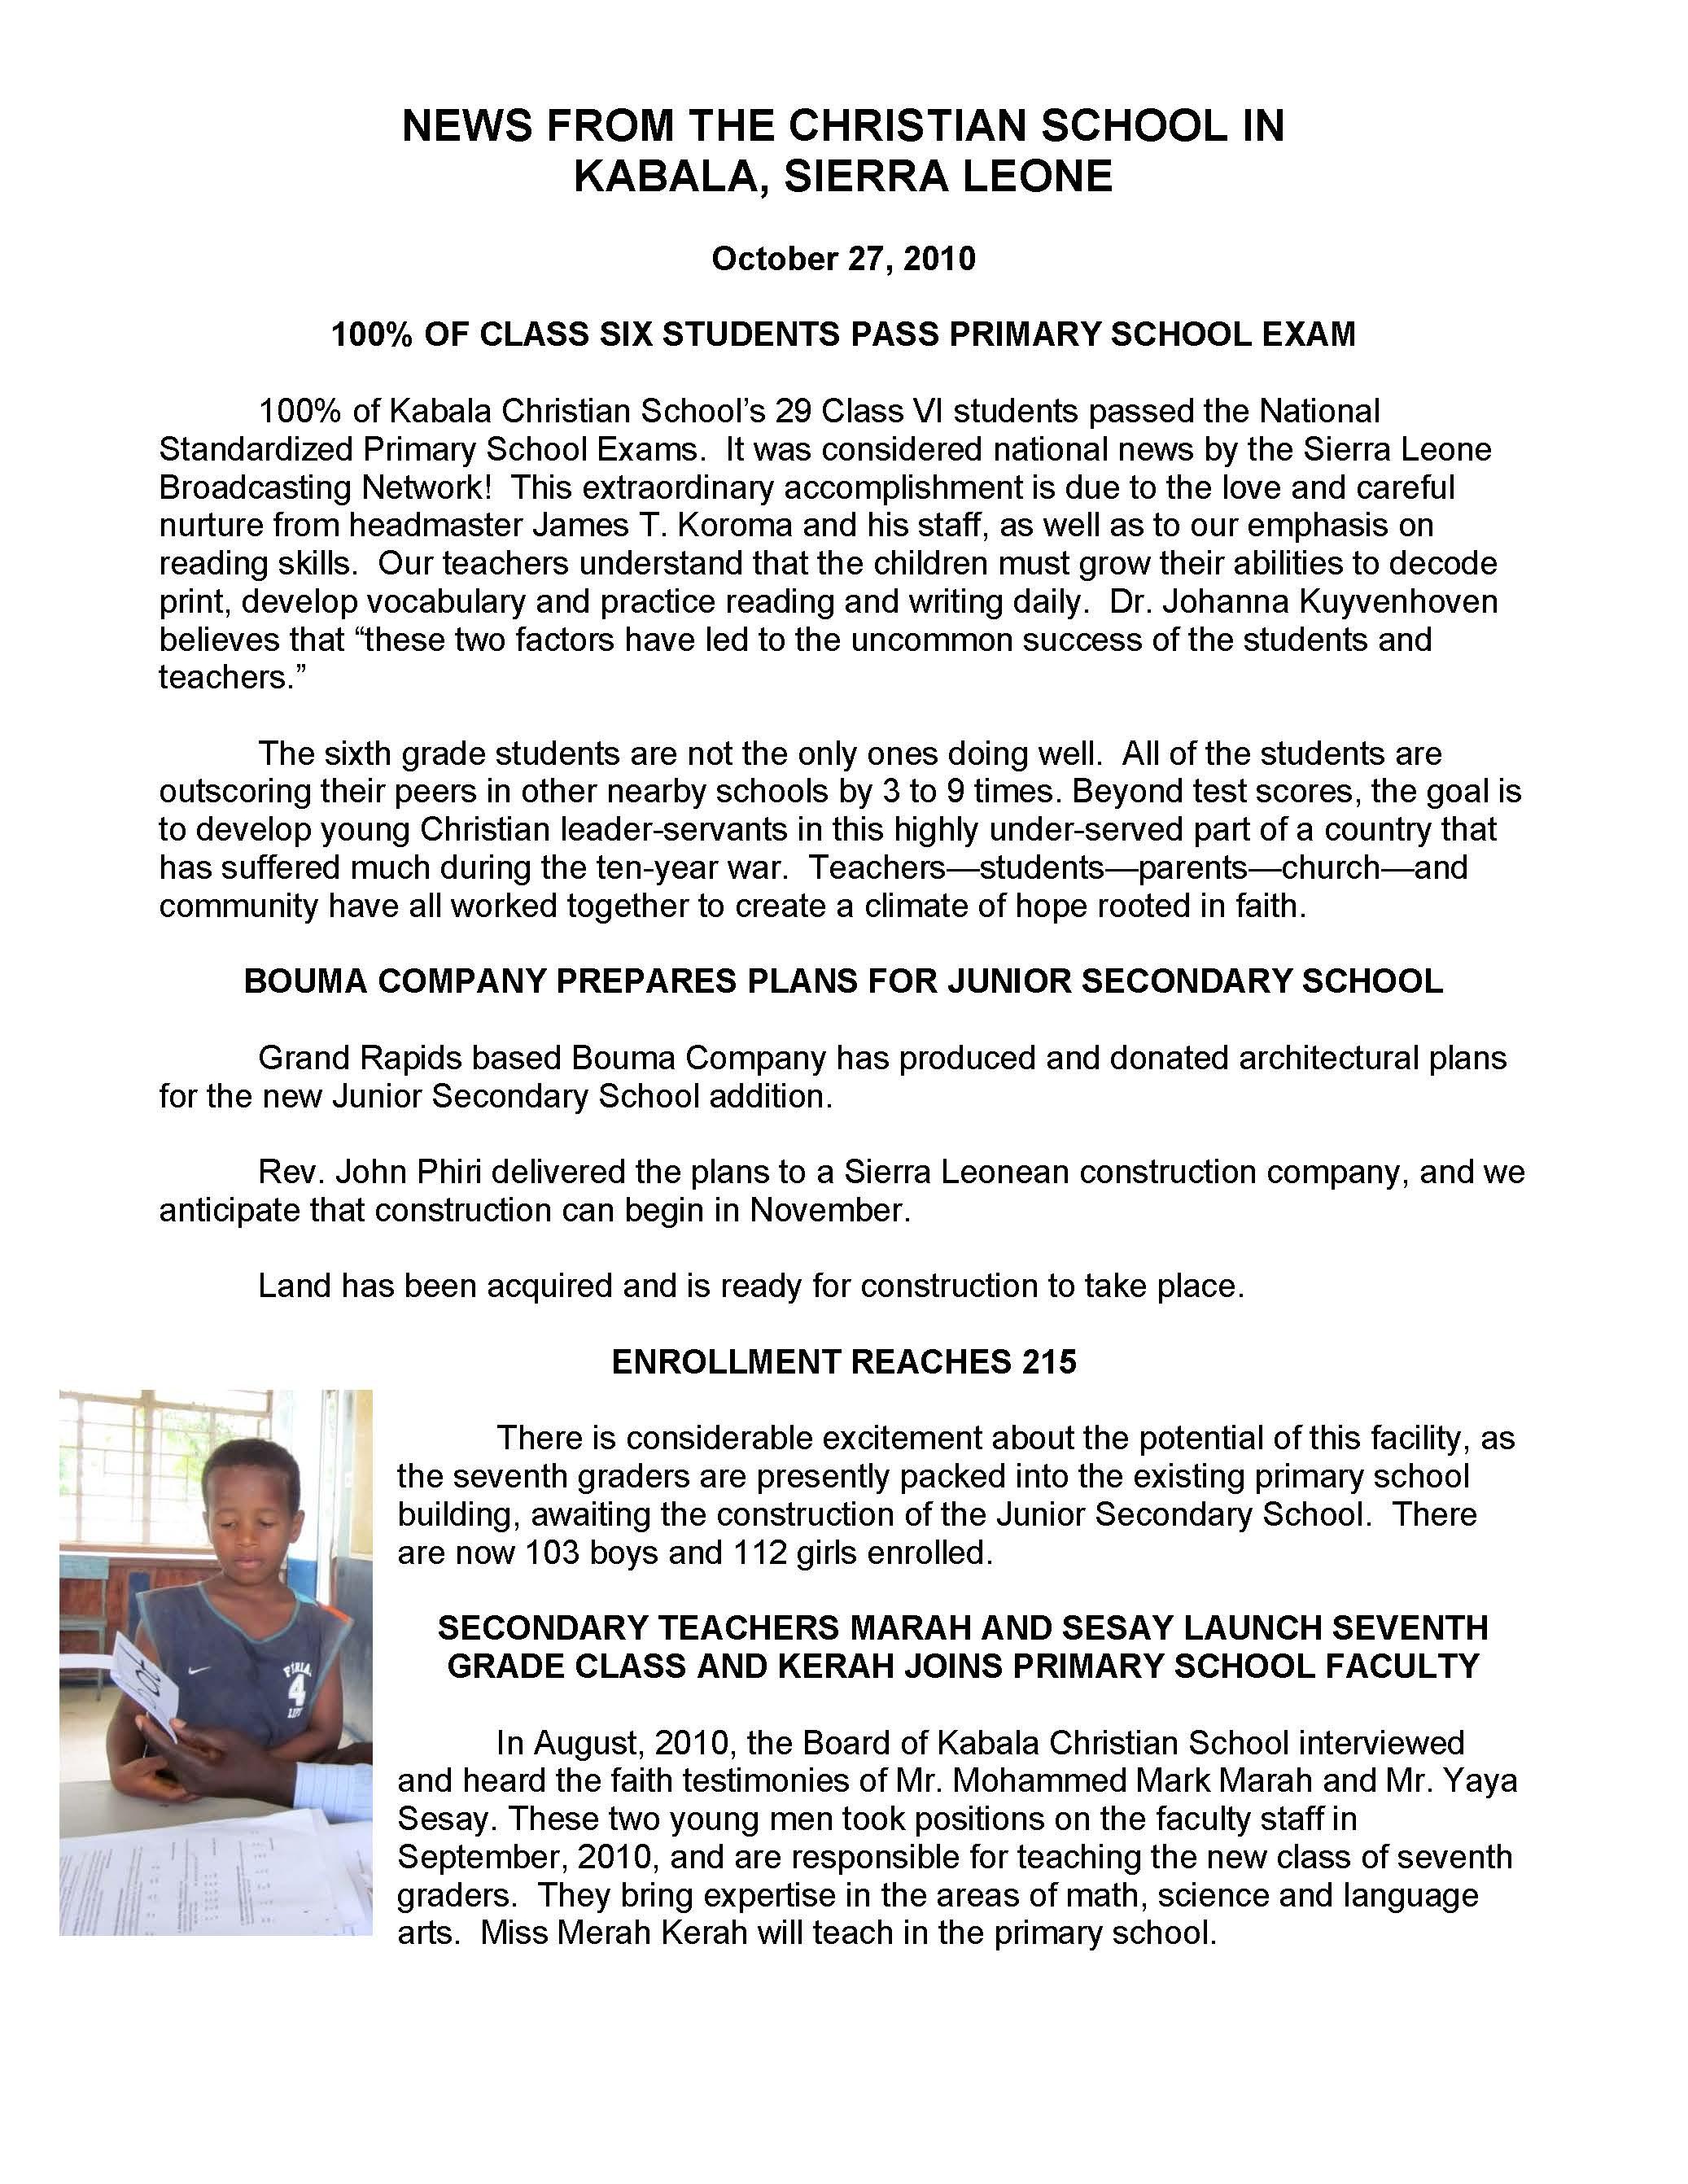 KABALA SCHOOL NEWS 10-25-10_Page_1.jpg